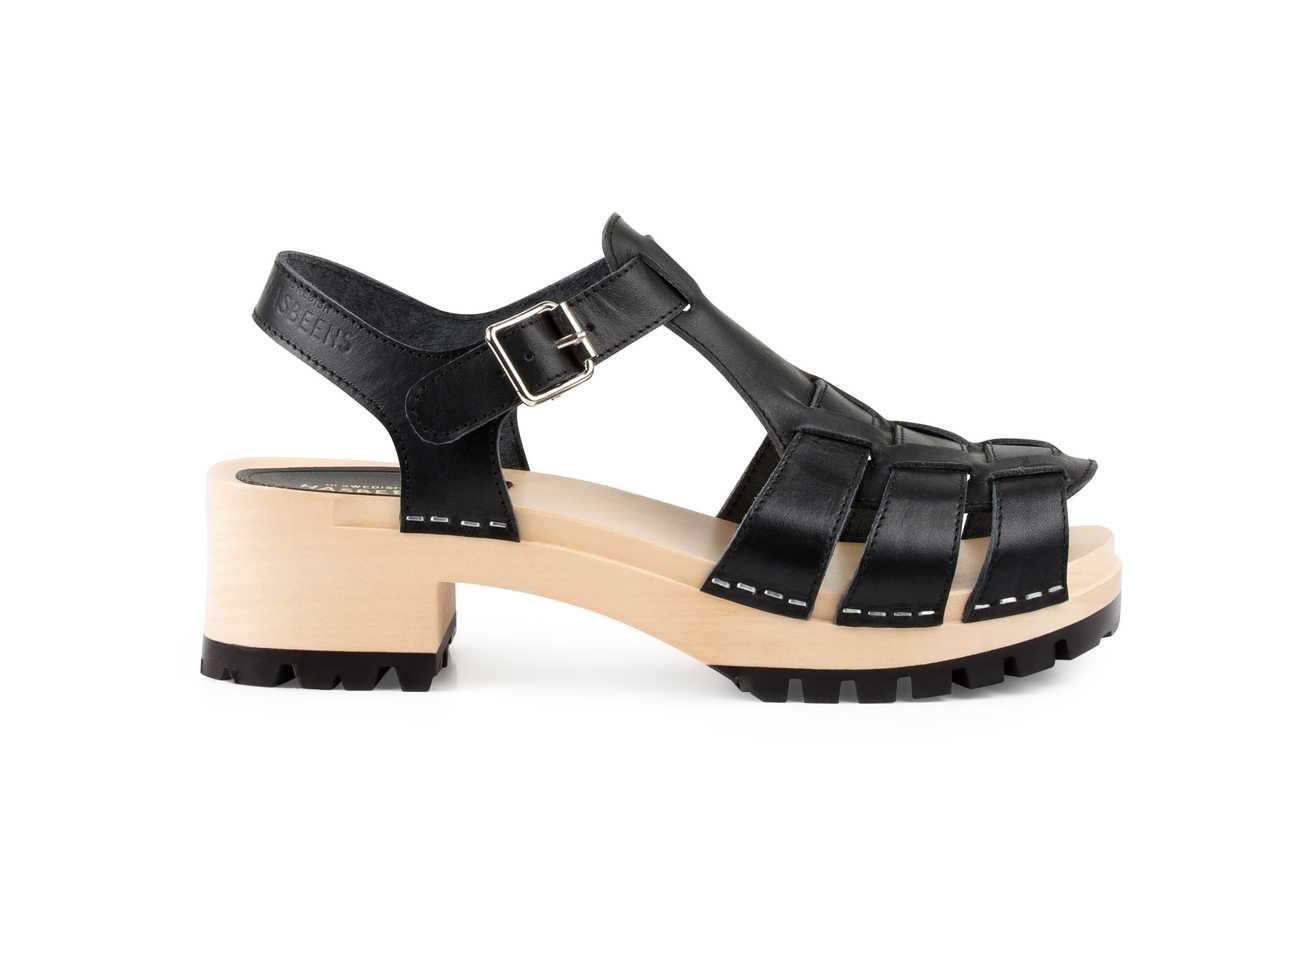 Black sandals grunge - Grunge Sandal Black